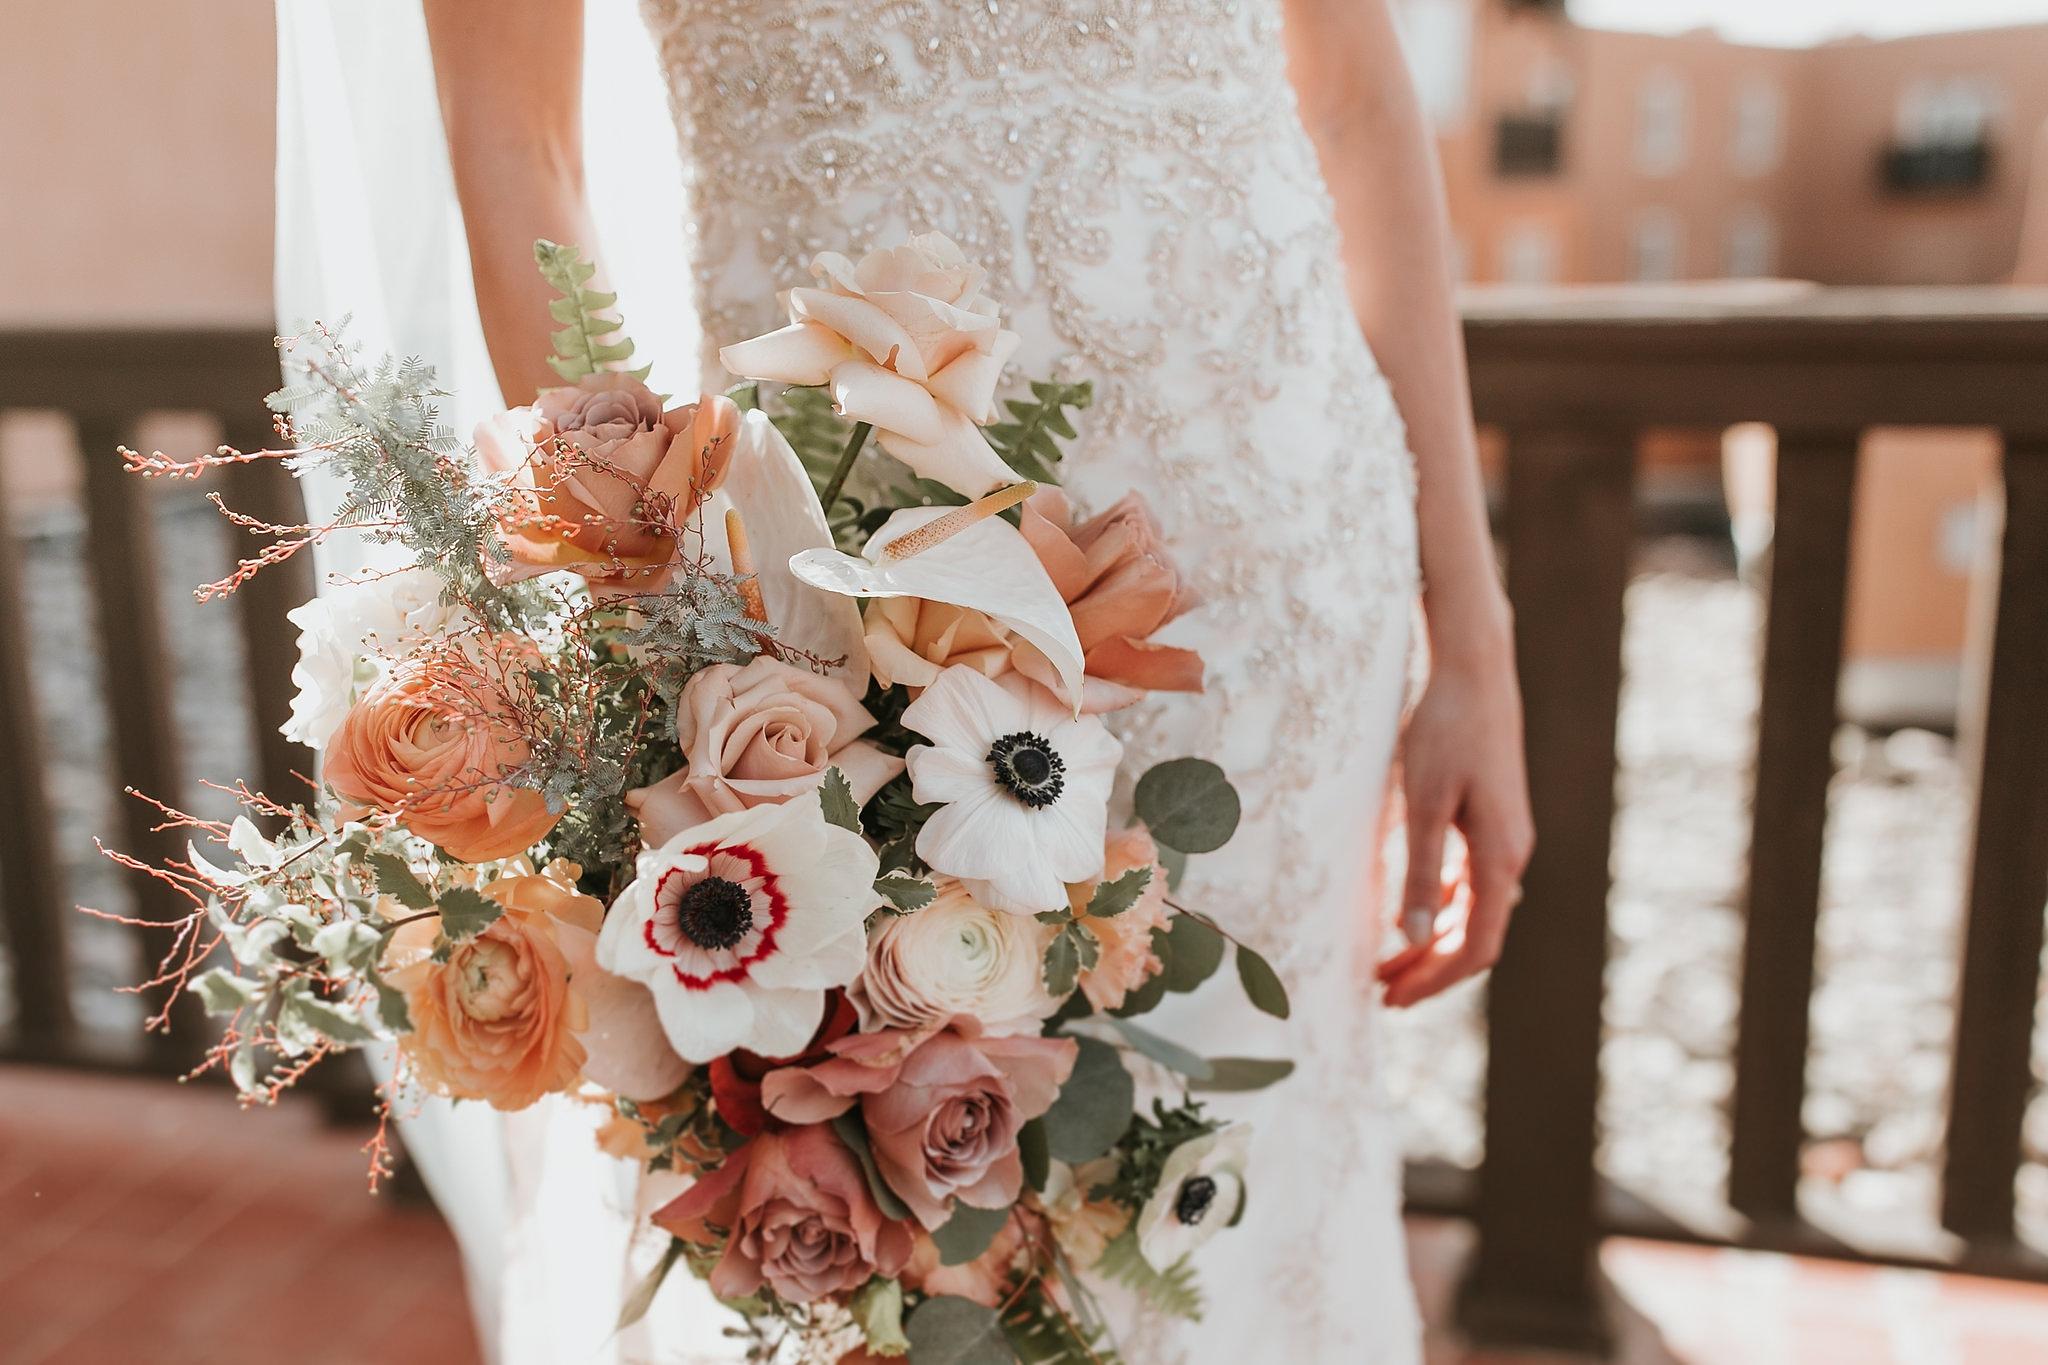 Alicia+lucia+photography+-+albuquerque+wedding+photographer+-+santa+fe+wedding+photography+-+new+mexico+wedding+photographer+-+new+mexico+florist+-+wedding+florist+-+renegade+floral_0061.jpg